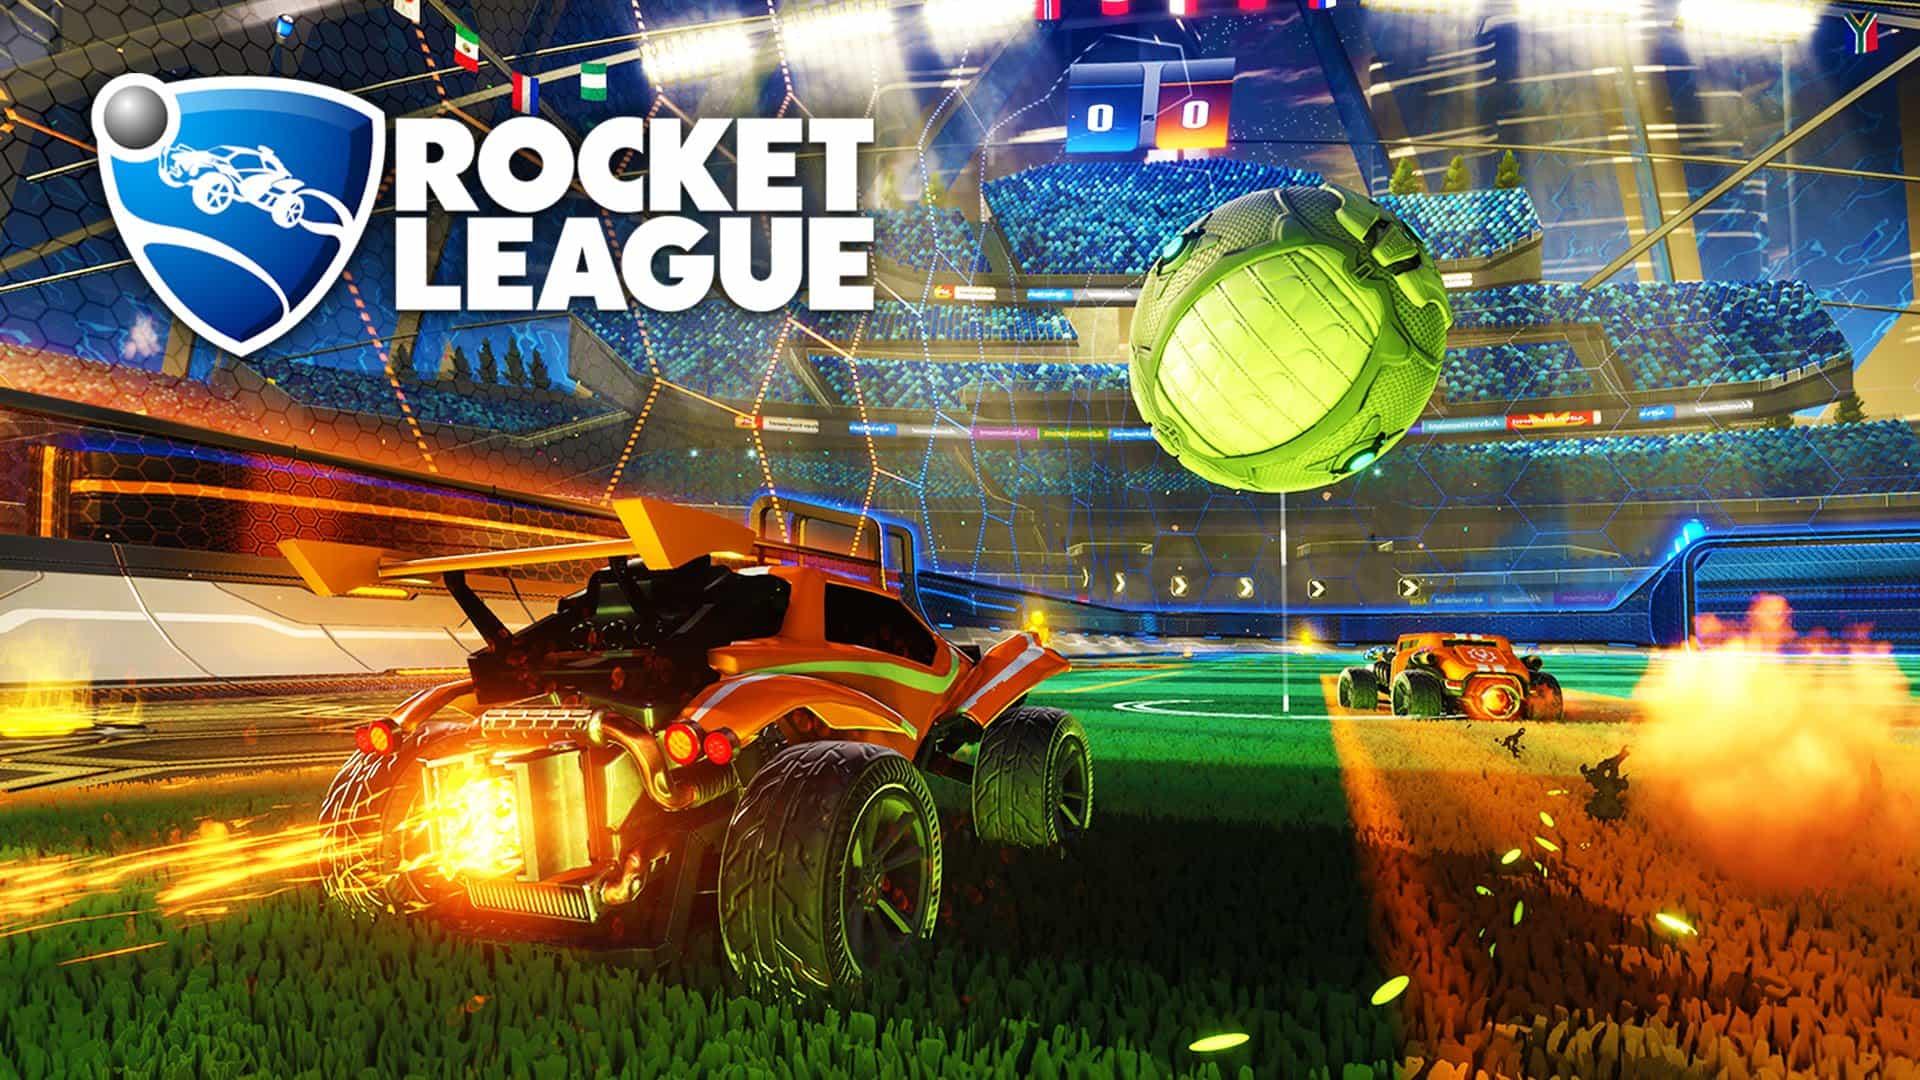 jogos-multiplayer-para-pc-rocket